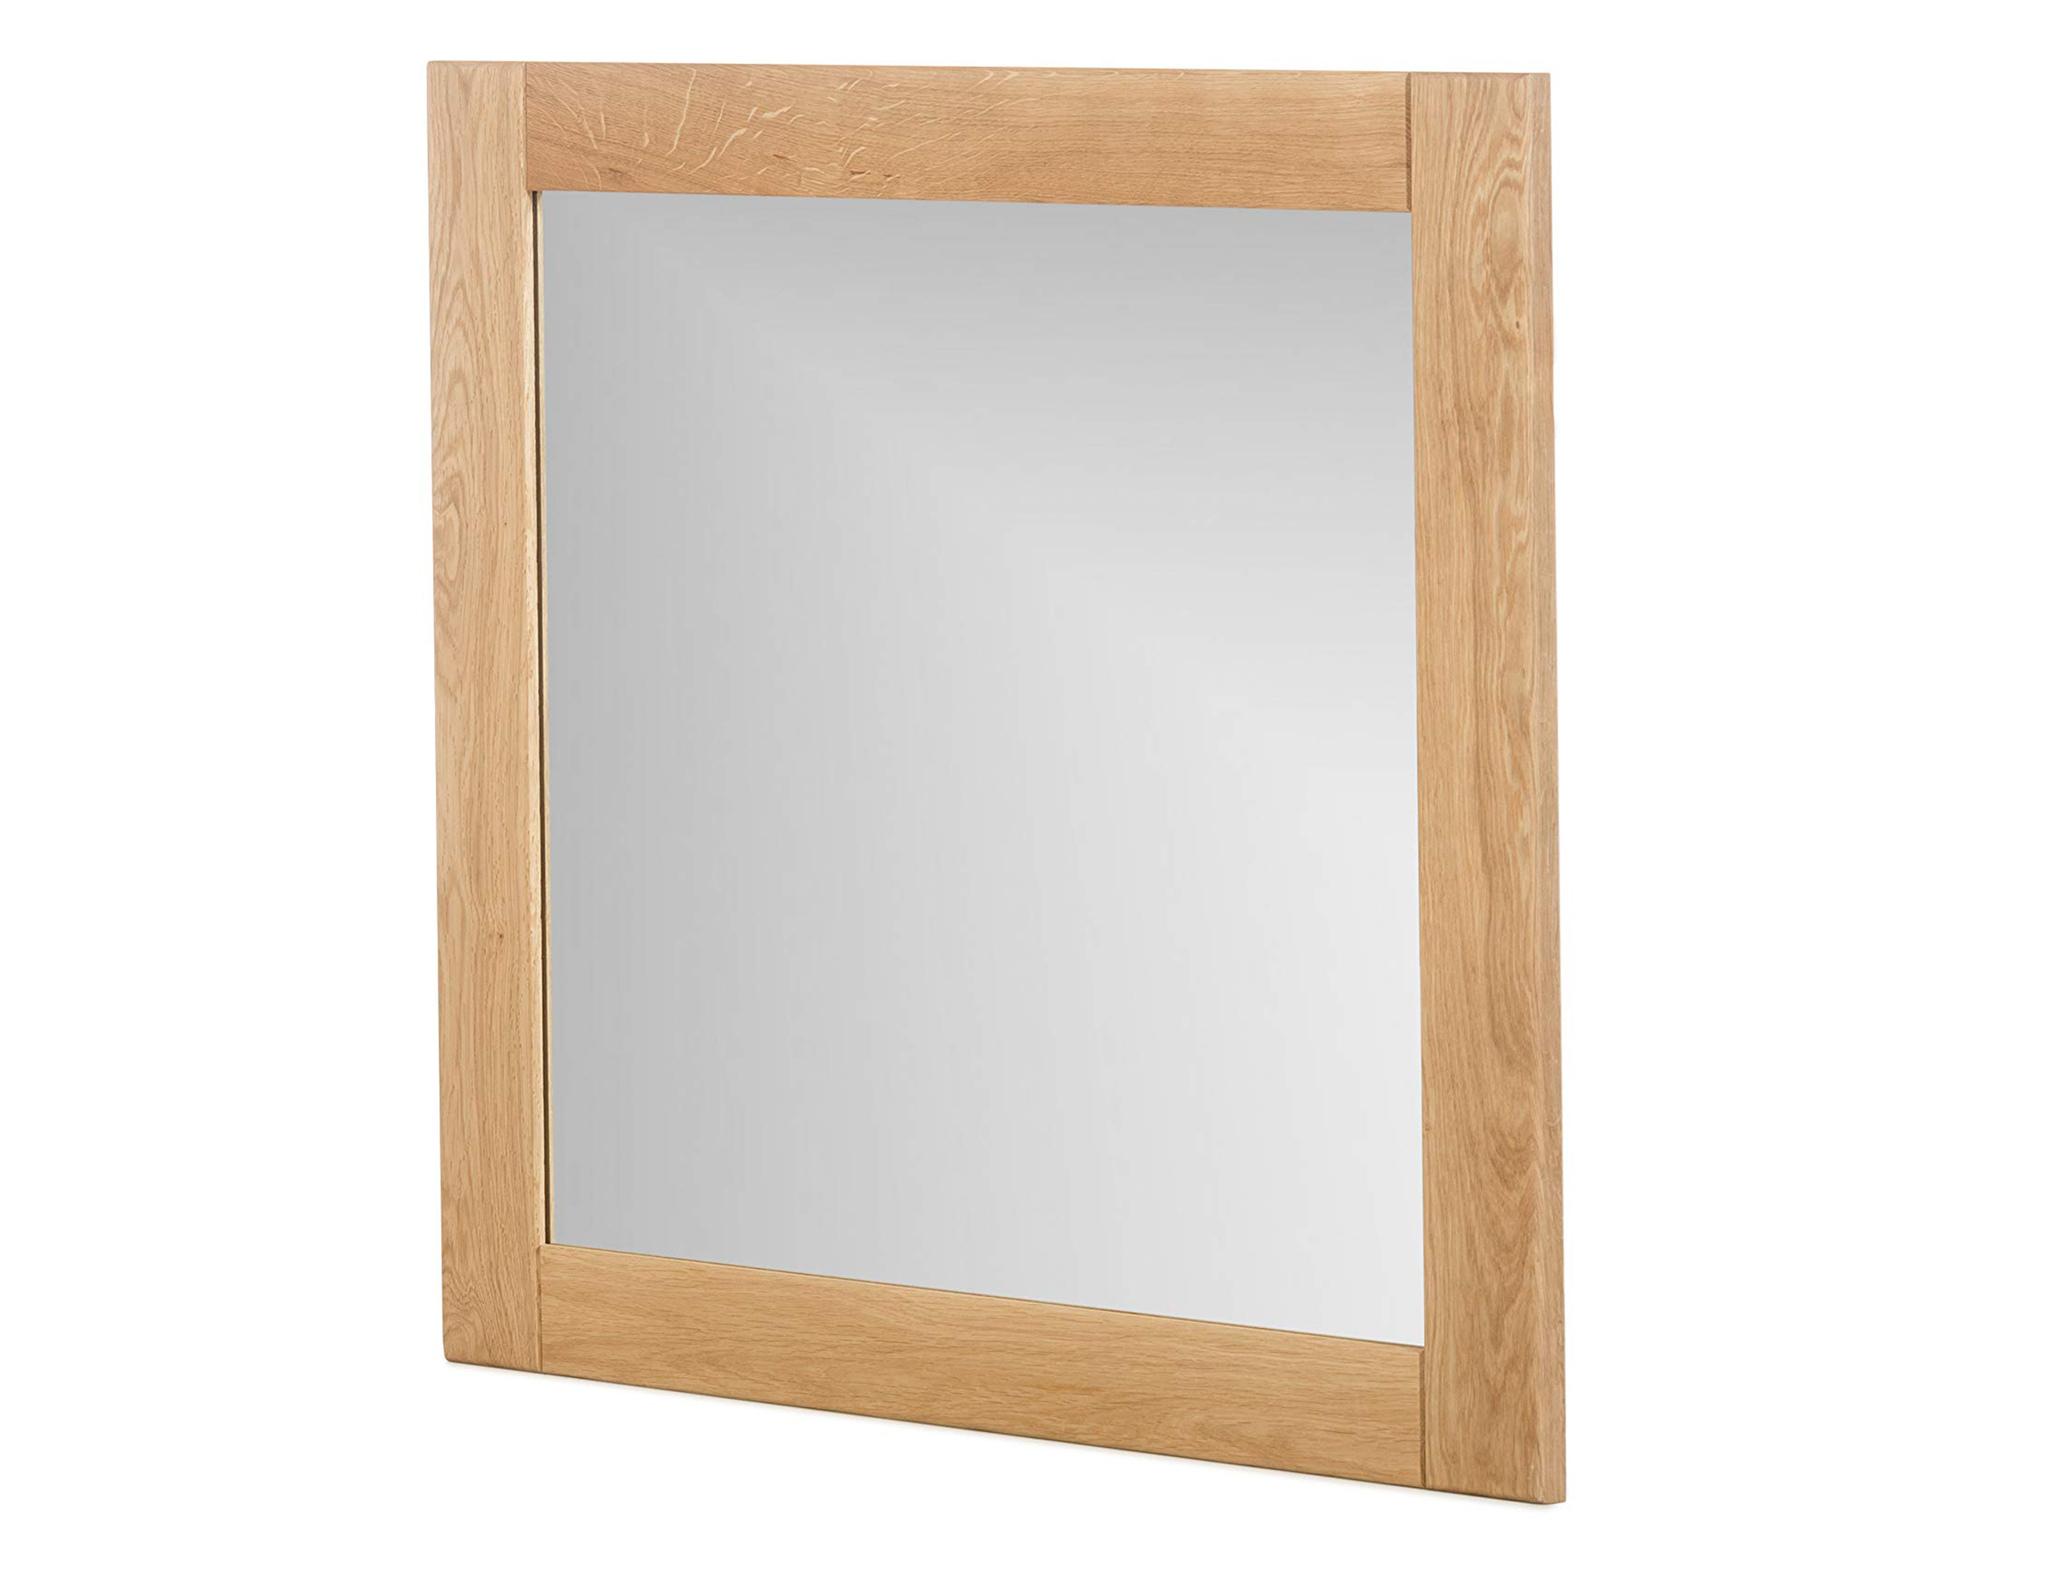 Espejo de madera maciza de Alkove